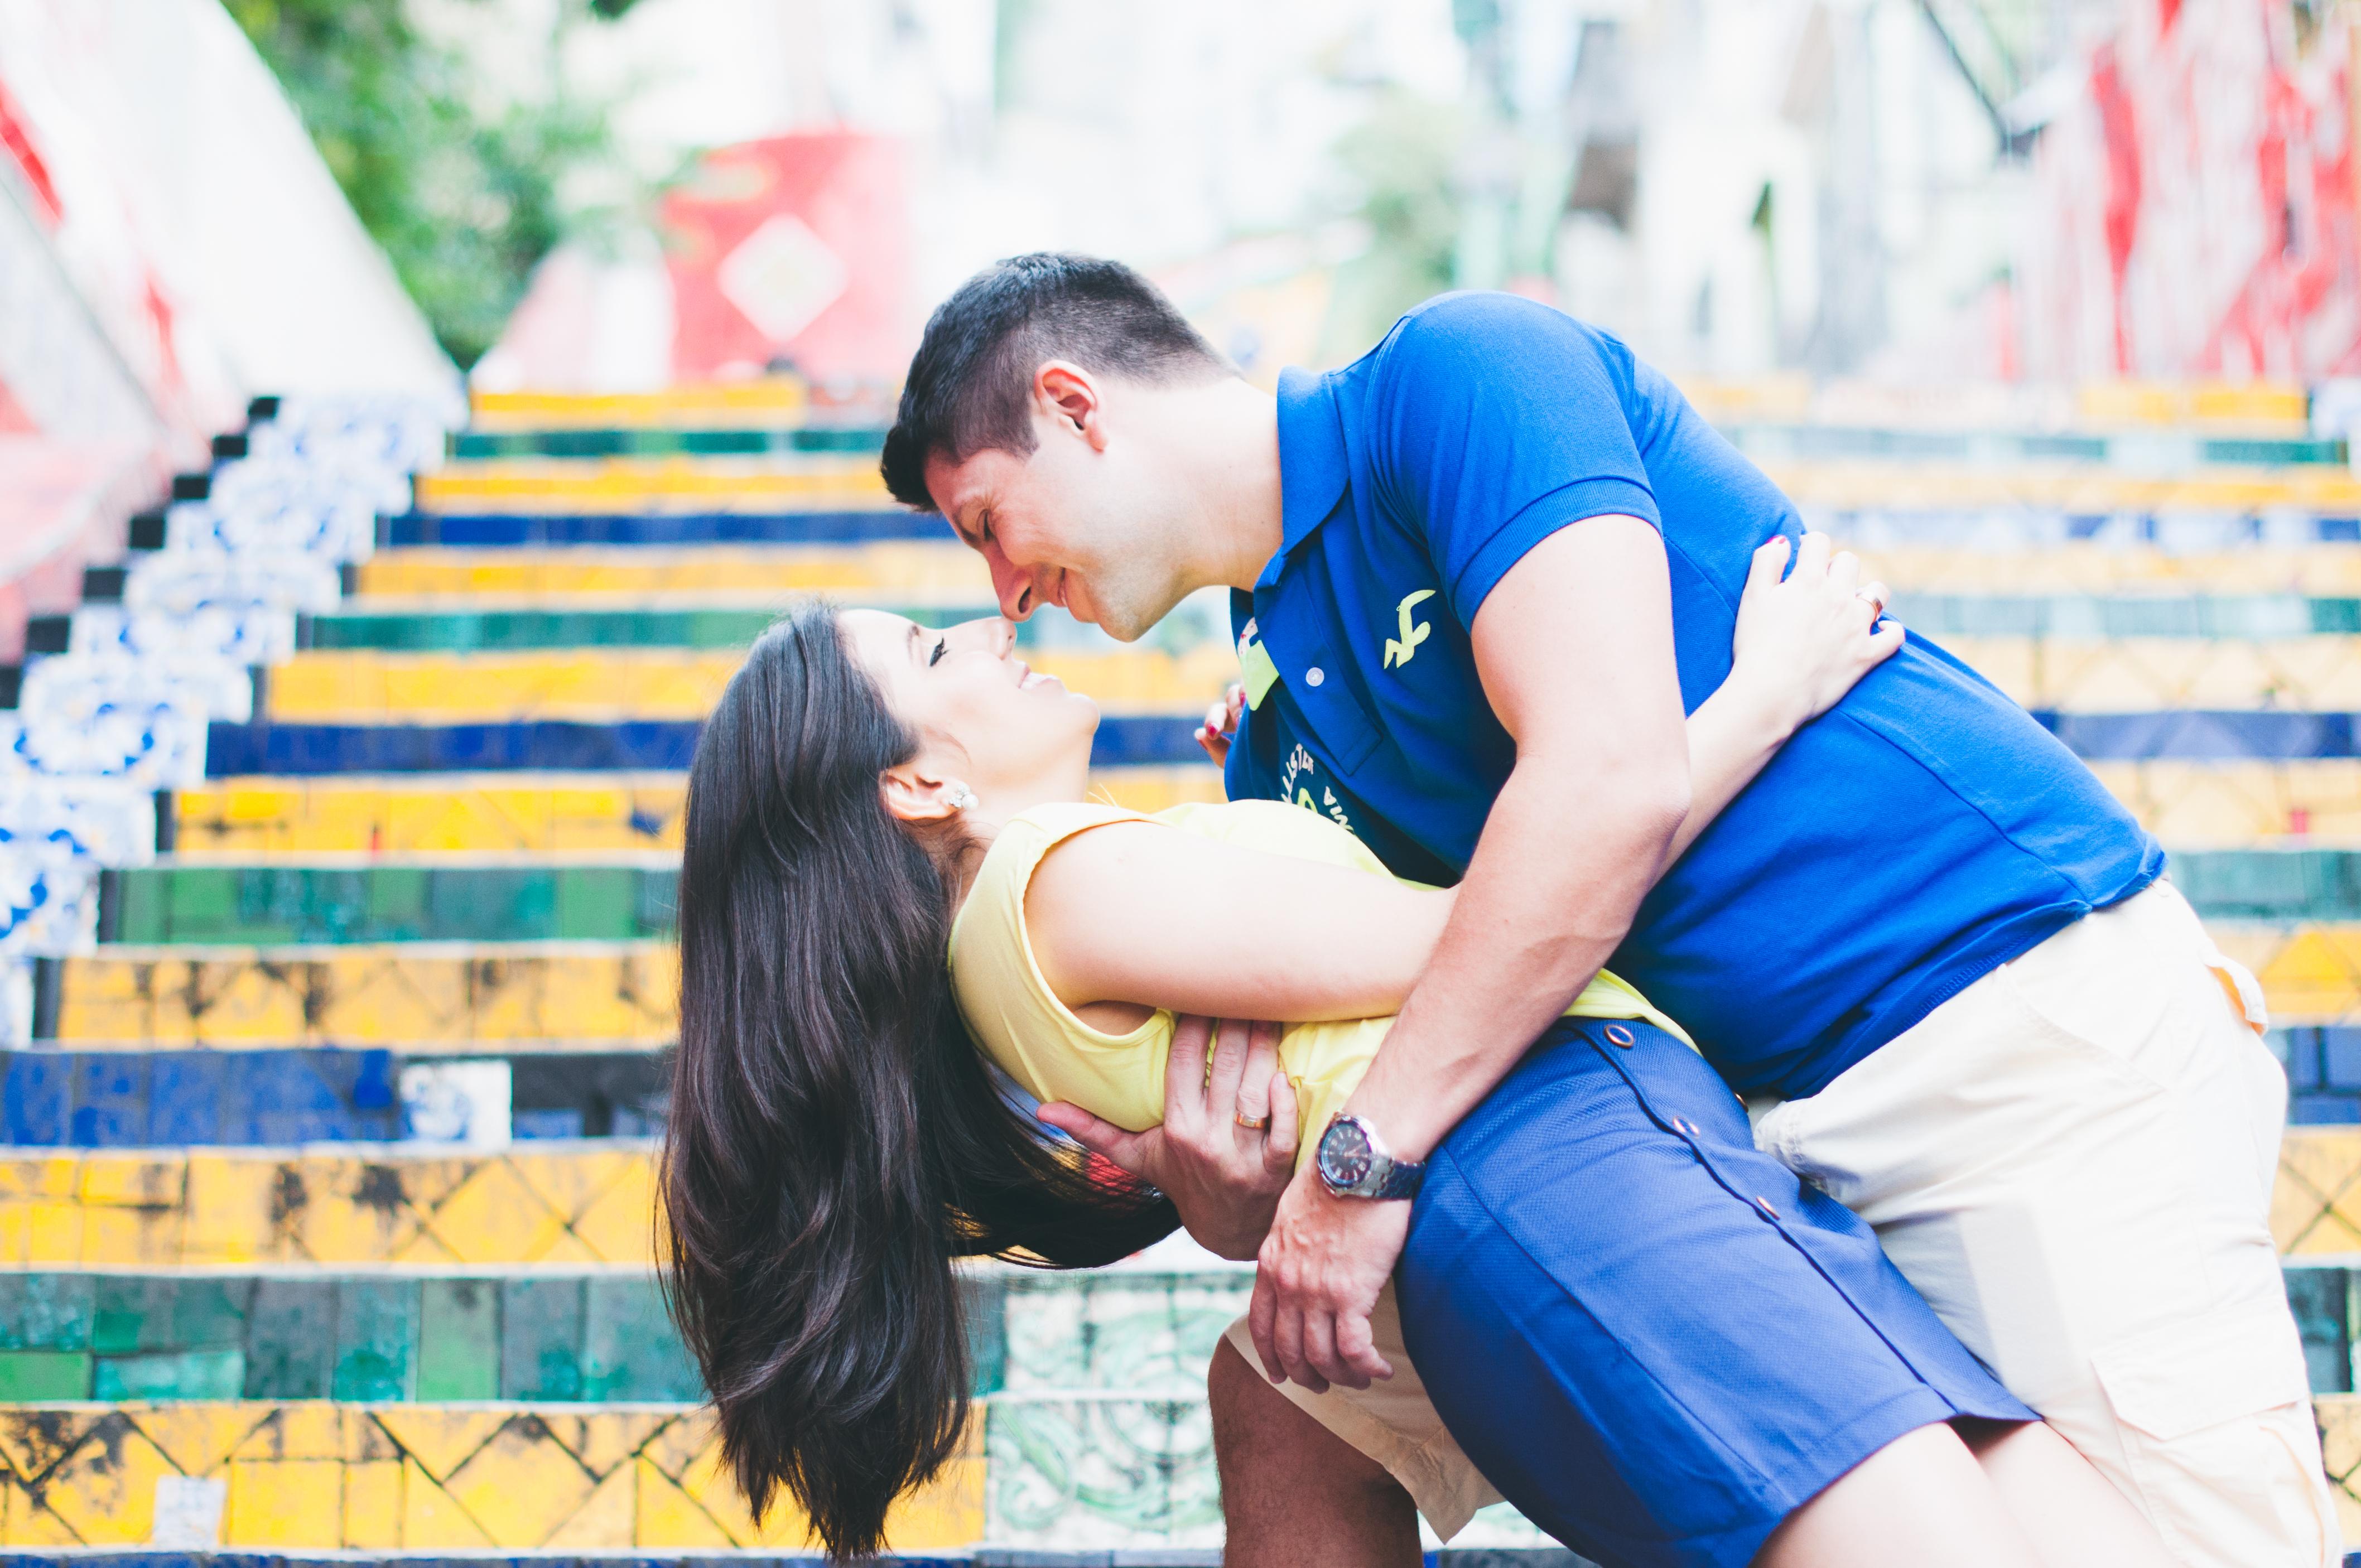 Vivian e Luiz-253.jpg